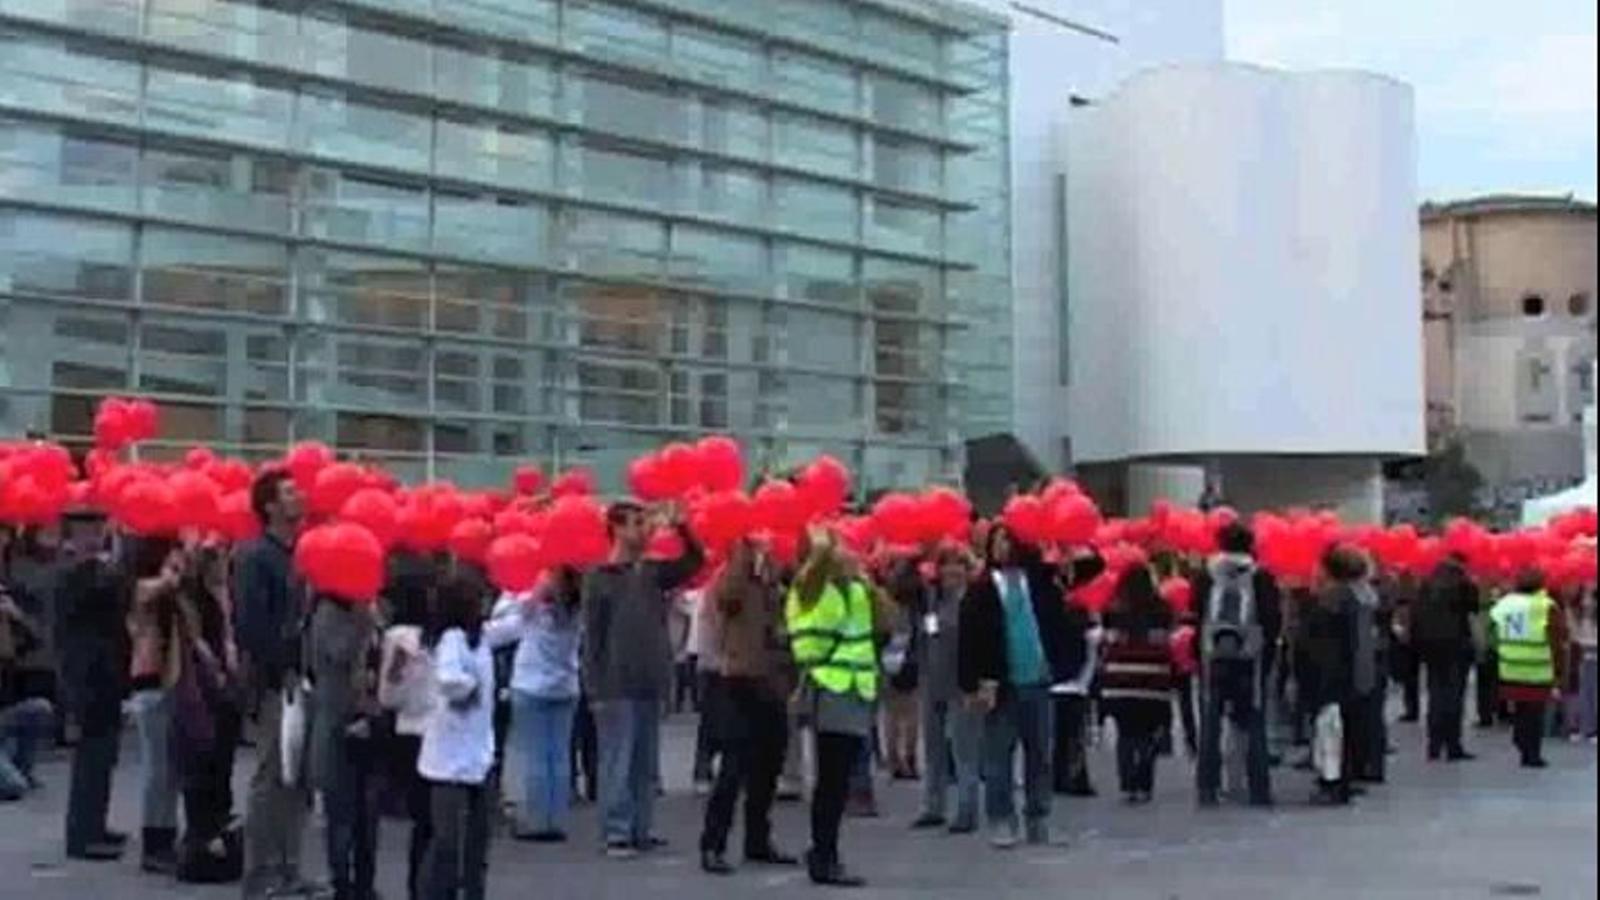 'Muralmob' per la llengua: 'El català, llengua comuna', dit amb globus